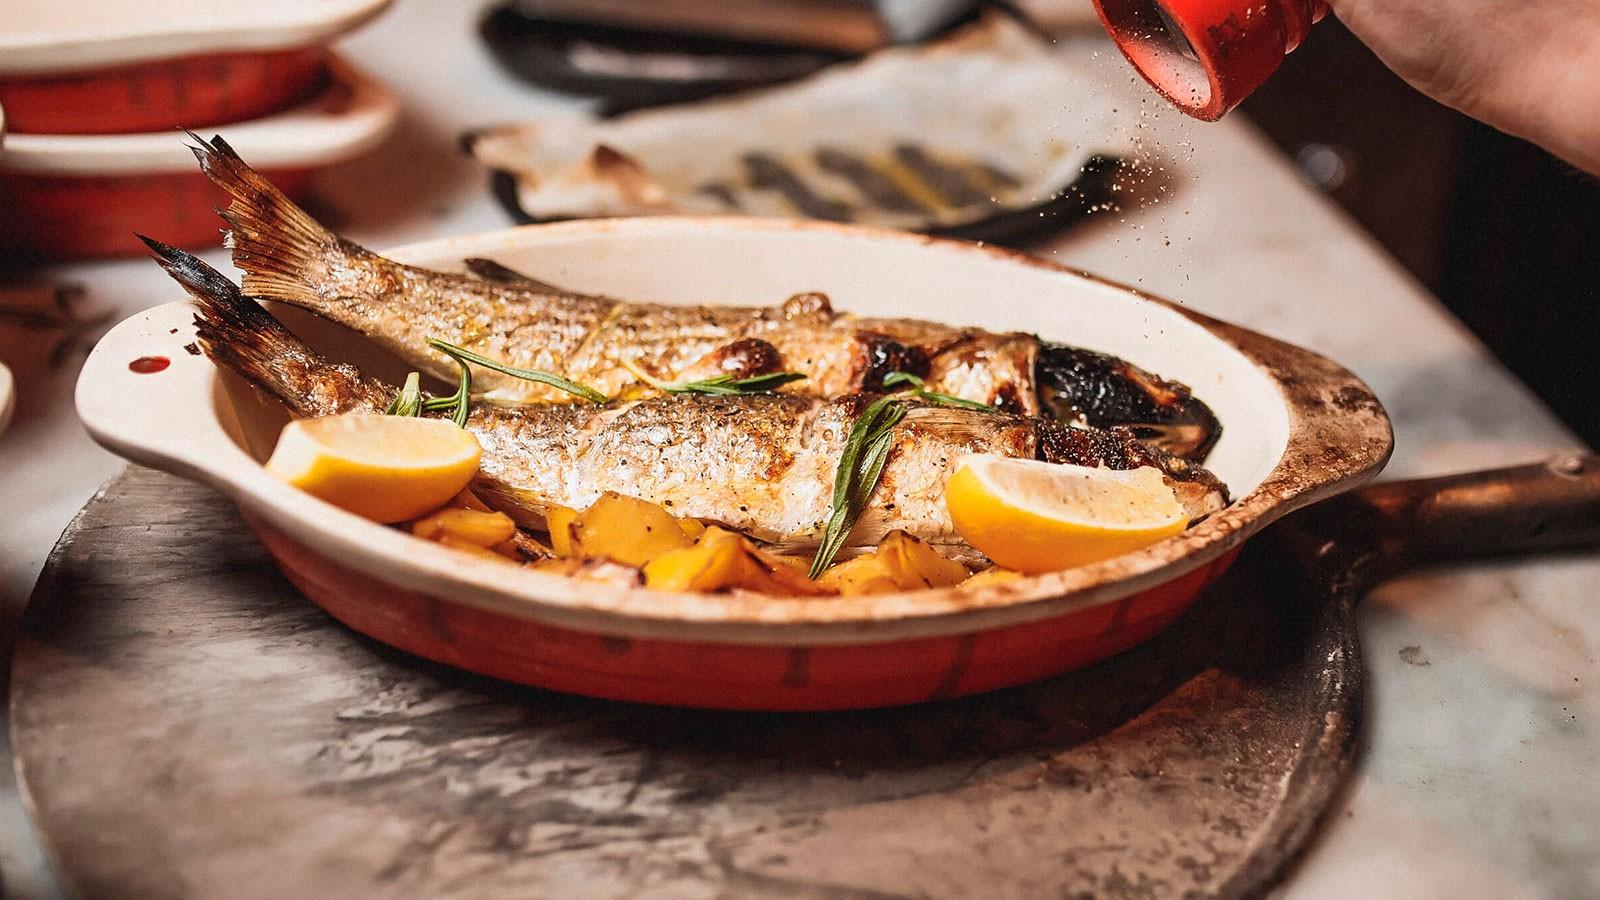 Риба у вогнi